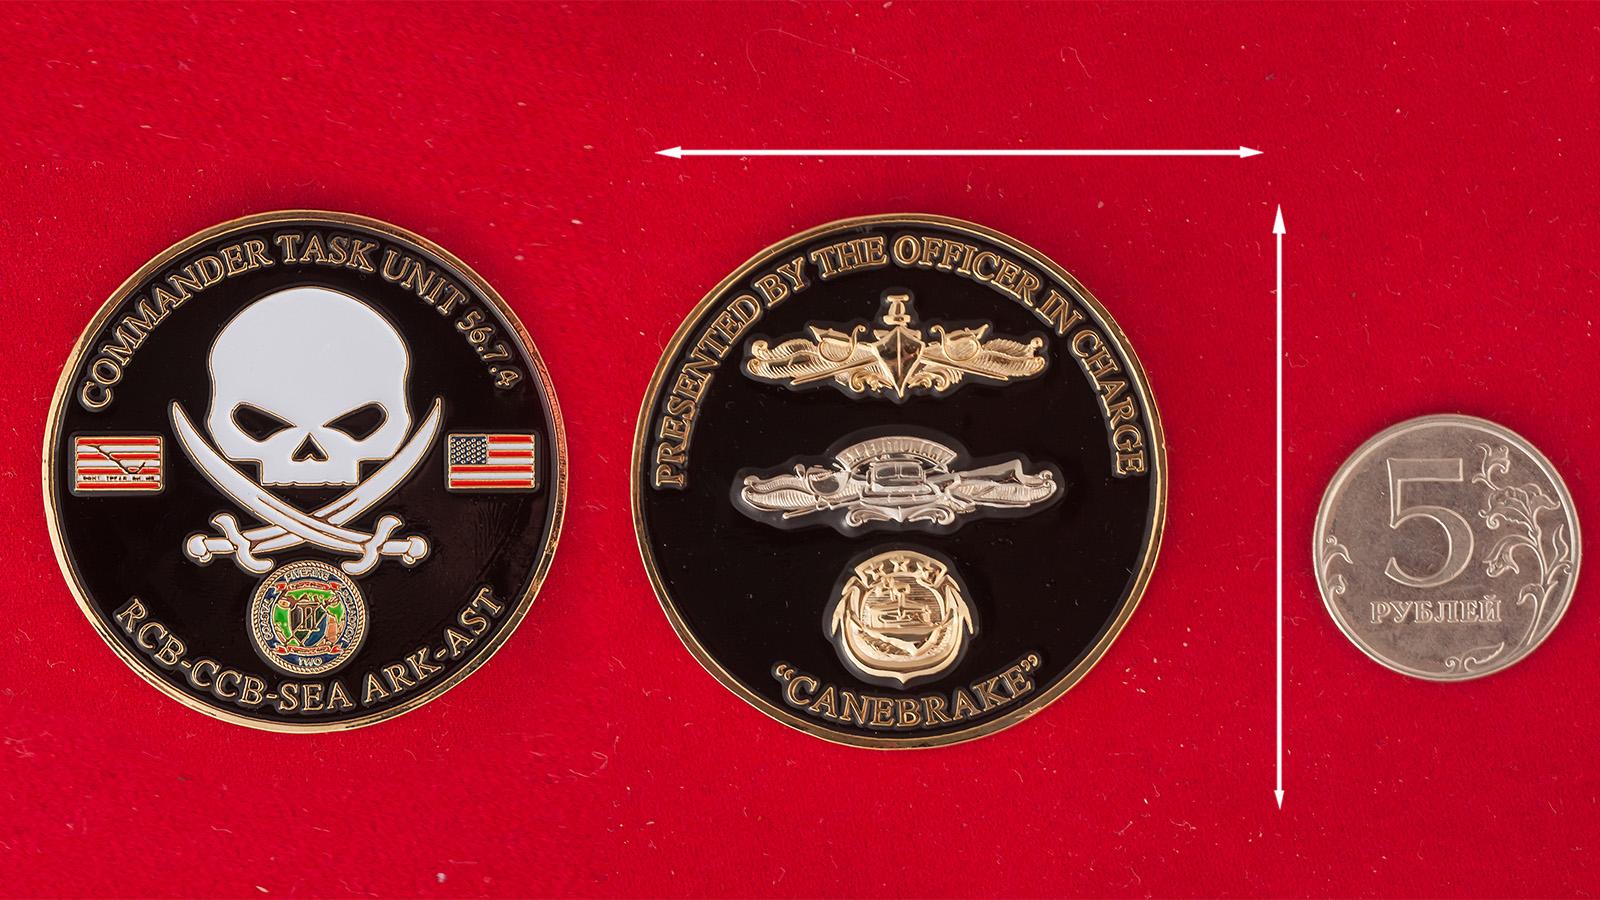 """Челлендж коин """"Оперативный отряд 56.7.4. 4-го дивизиона речных катеров ВМС США в Бахрейне"""" - сравнительный размер"""